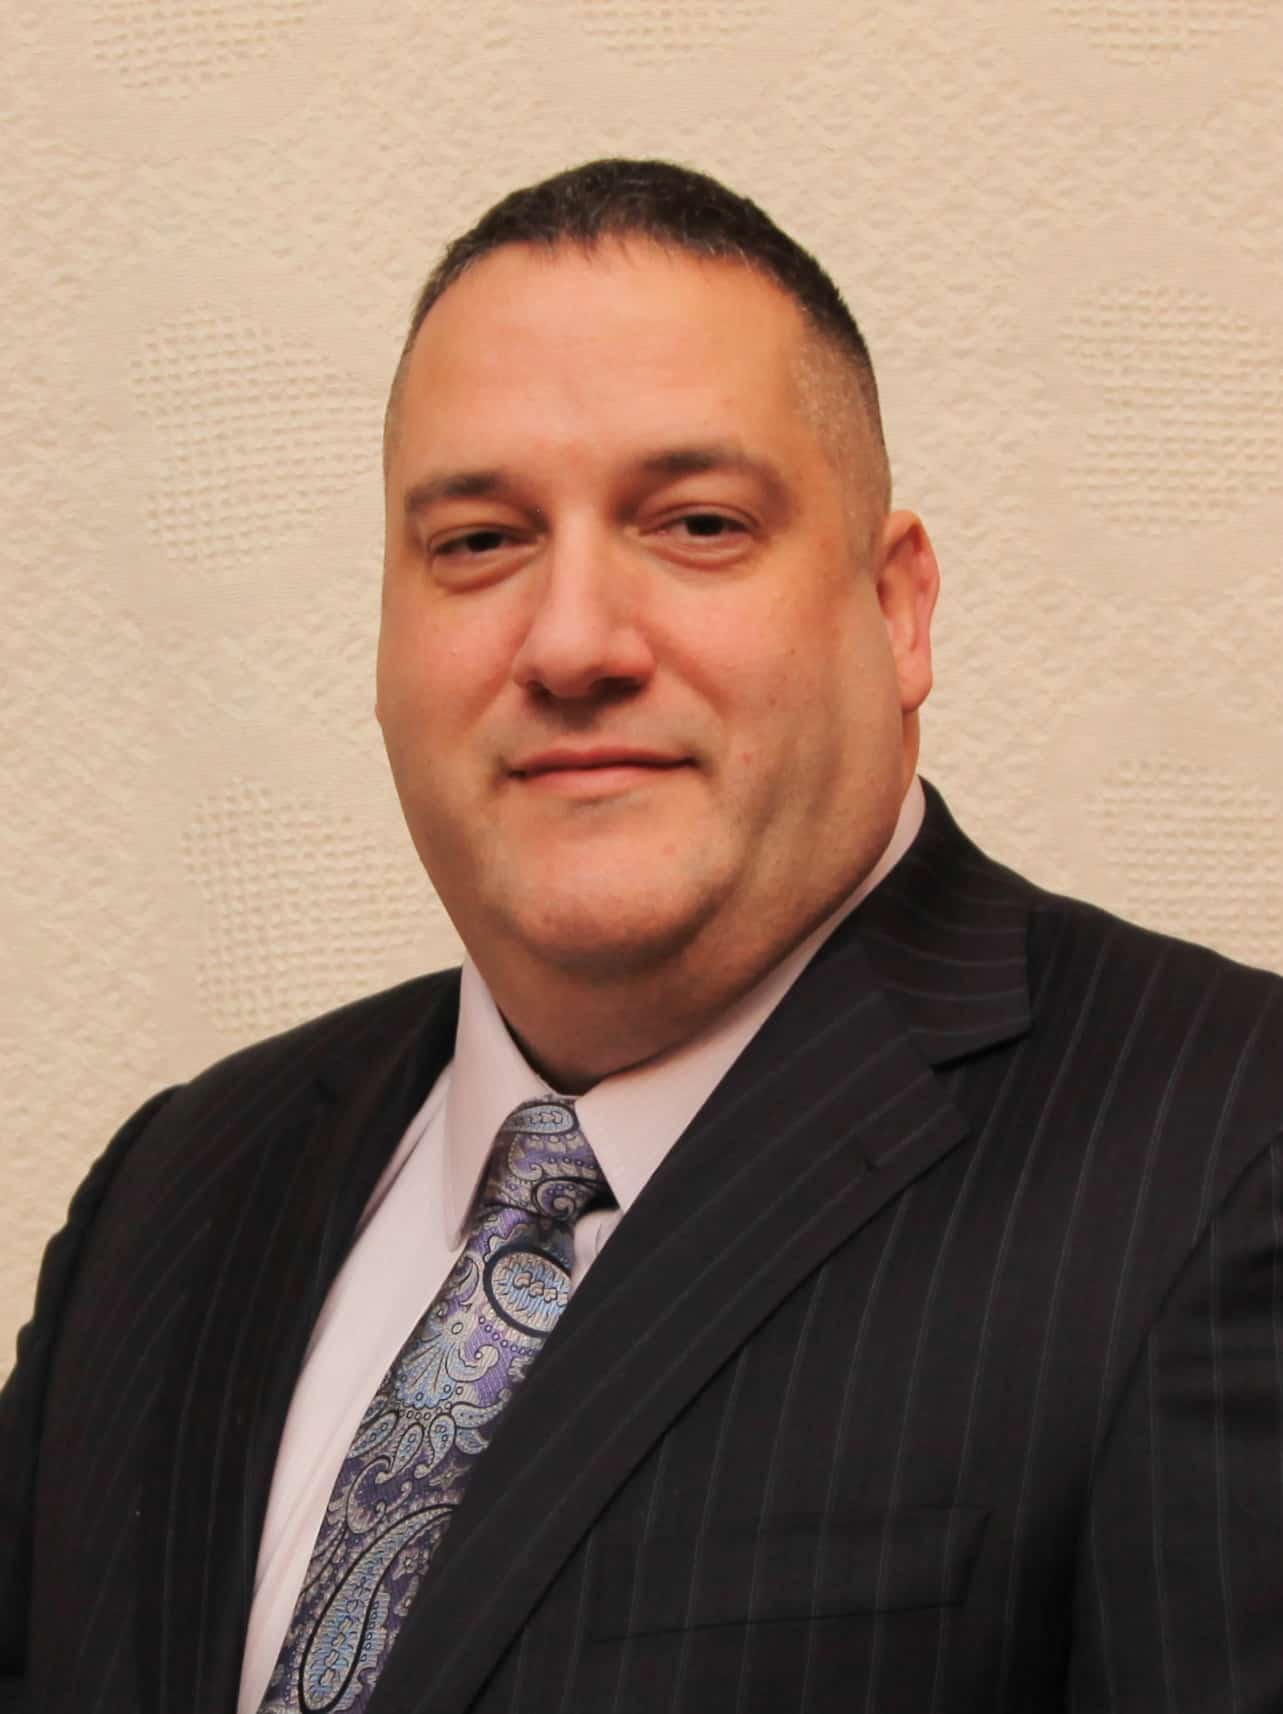 Steve Medeiros